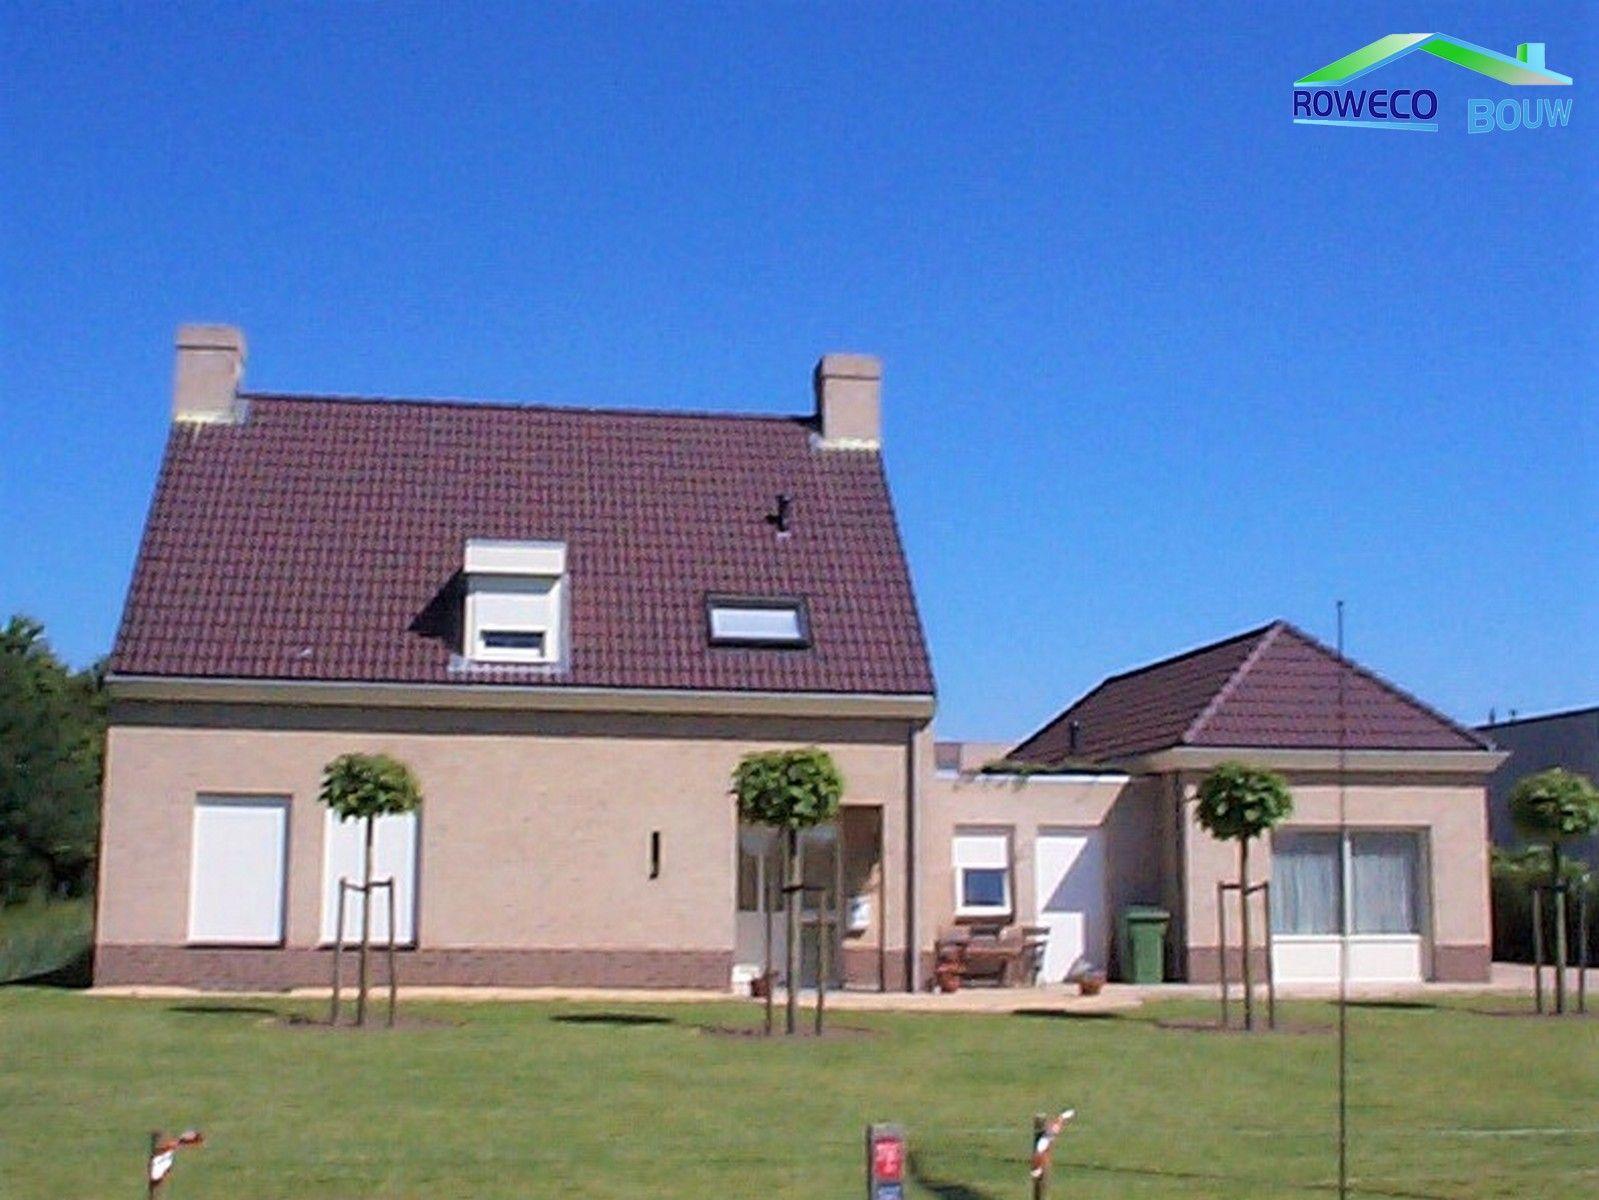 Denbosch Roosendaal kiest voor Rowecobouw